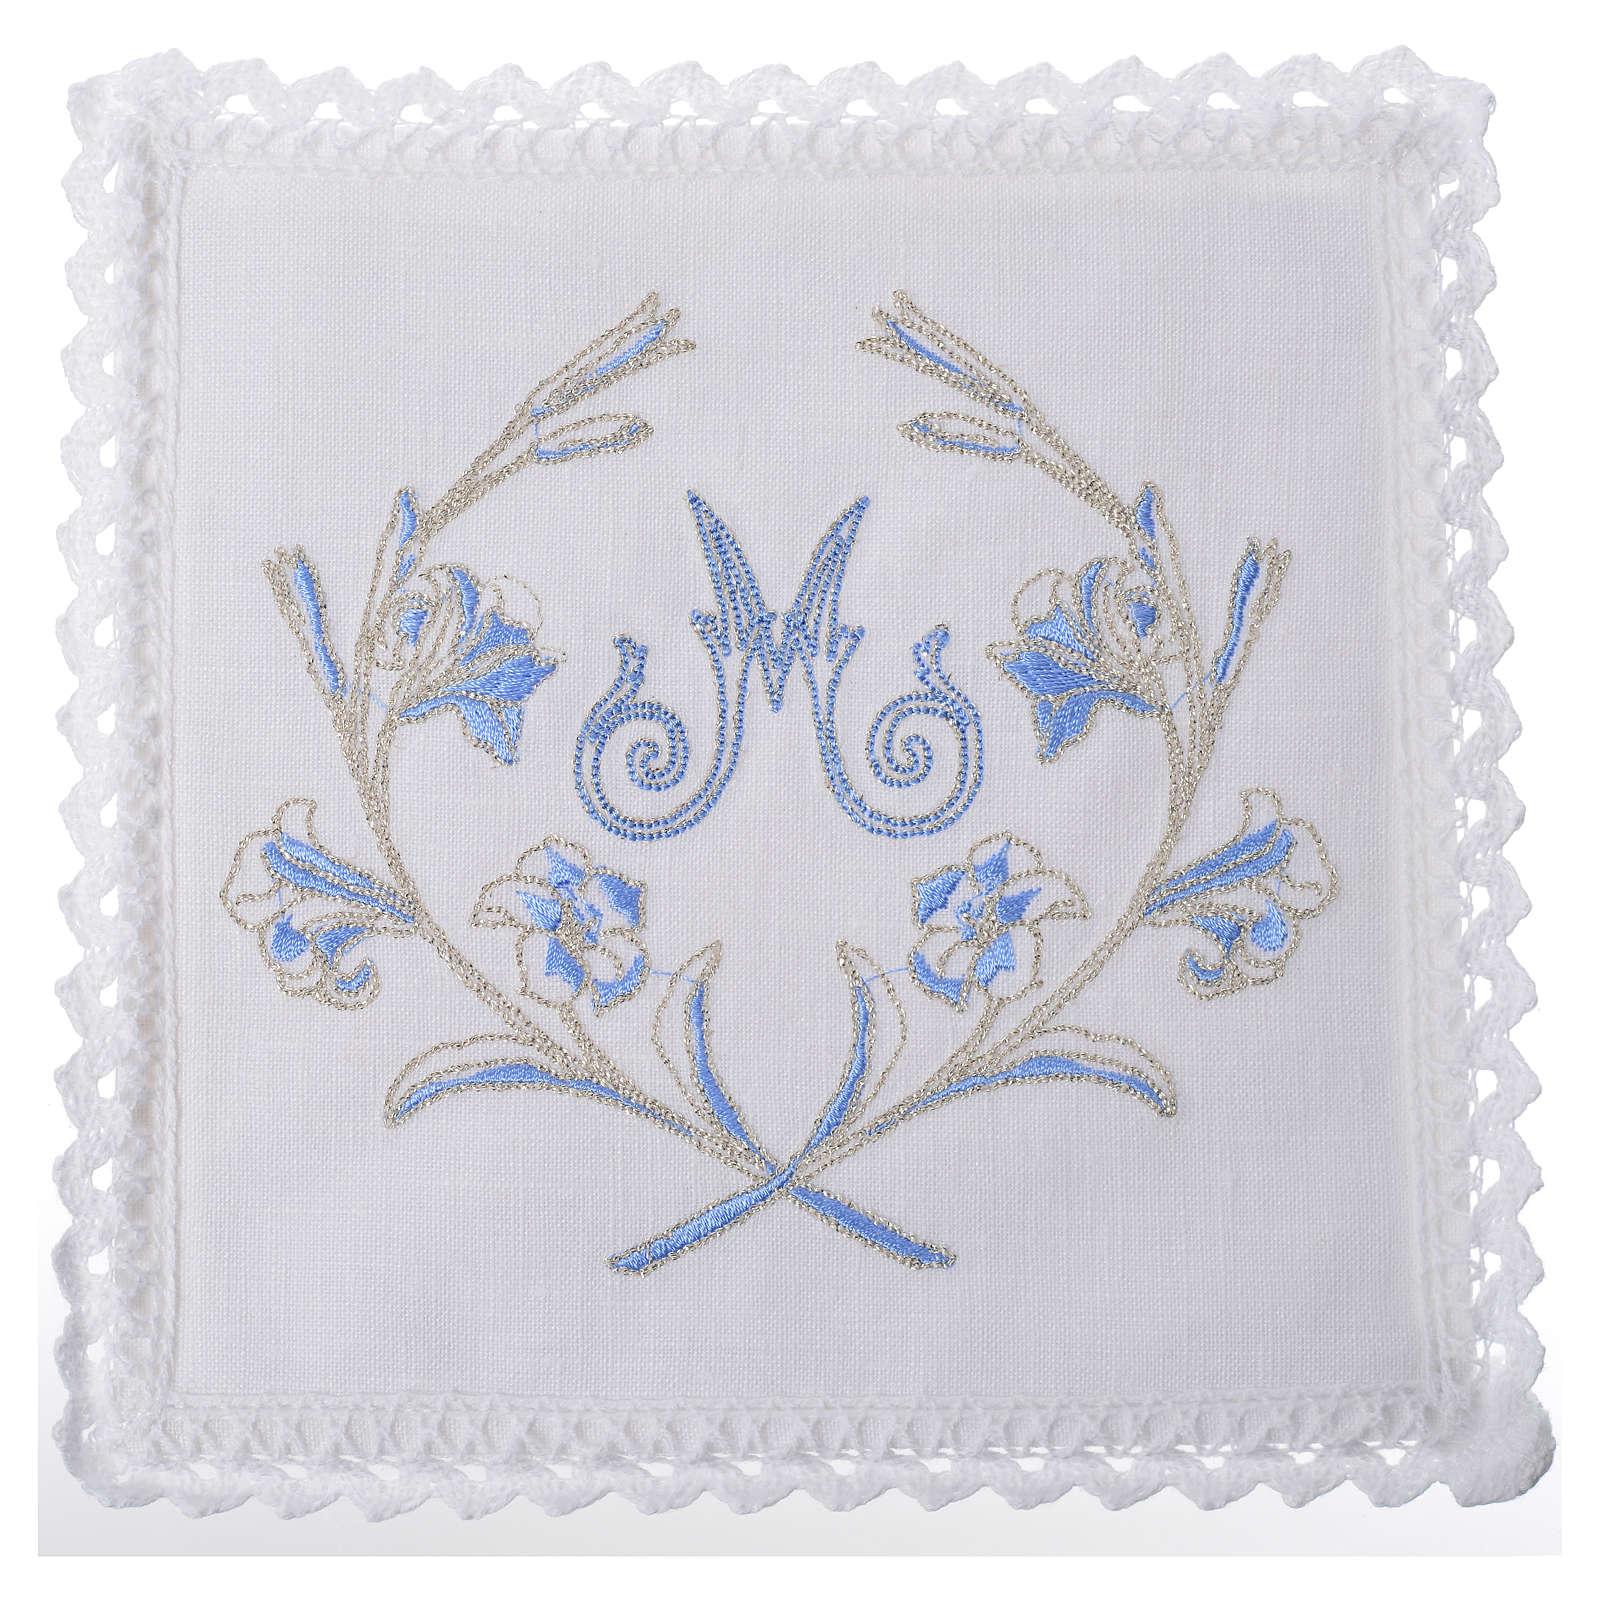 Bielizna kielichowa 100% len symbol Maryjny z dekoracjami 4